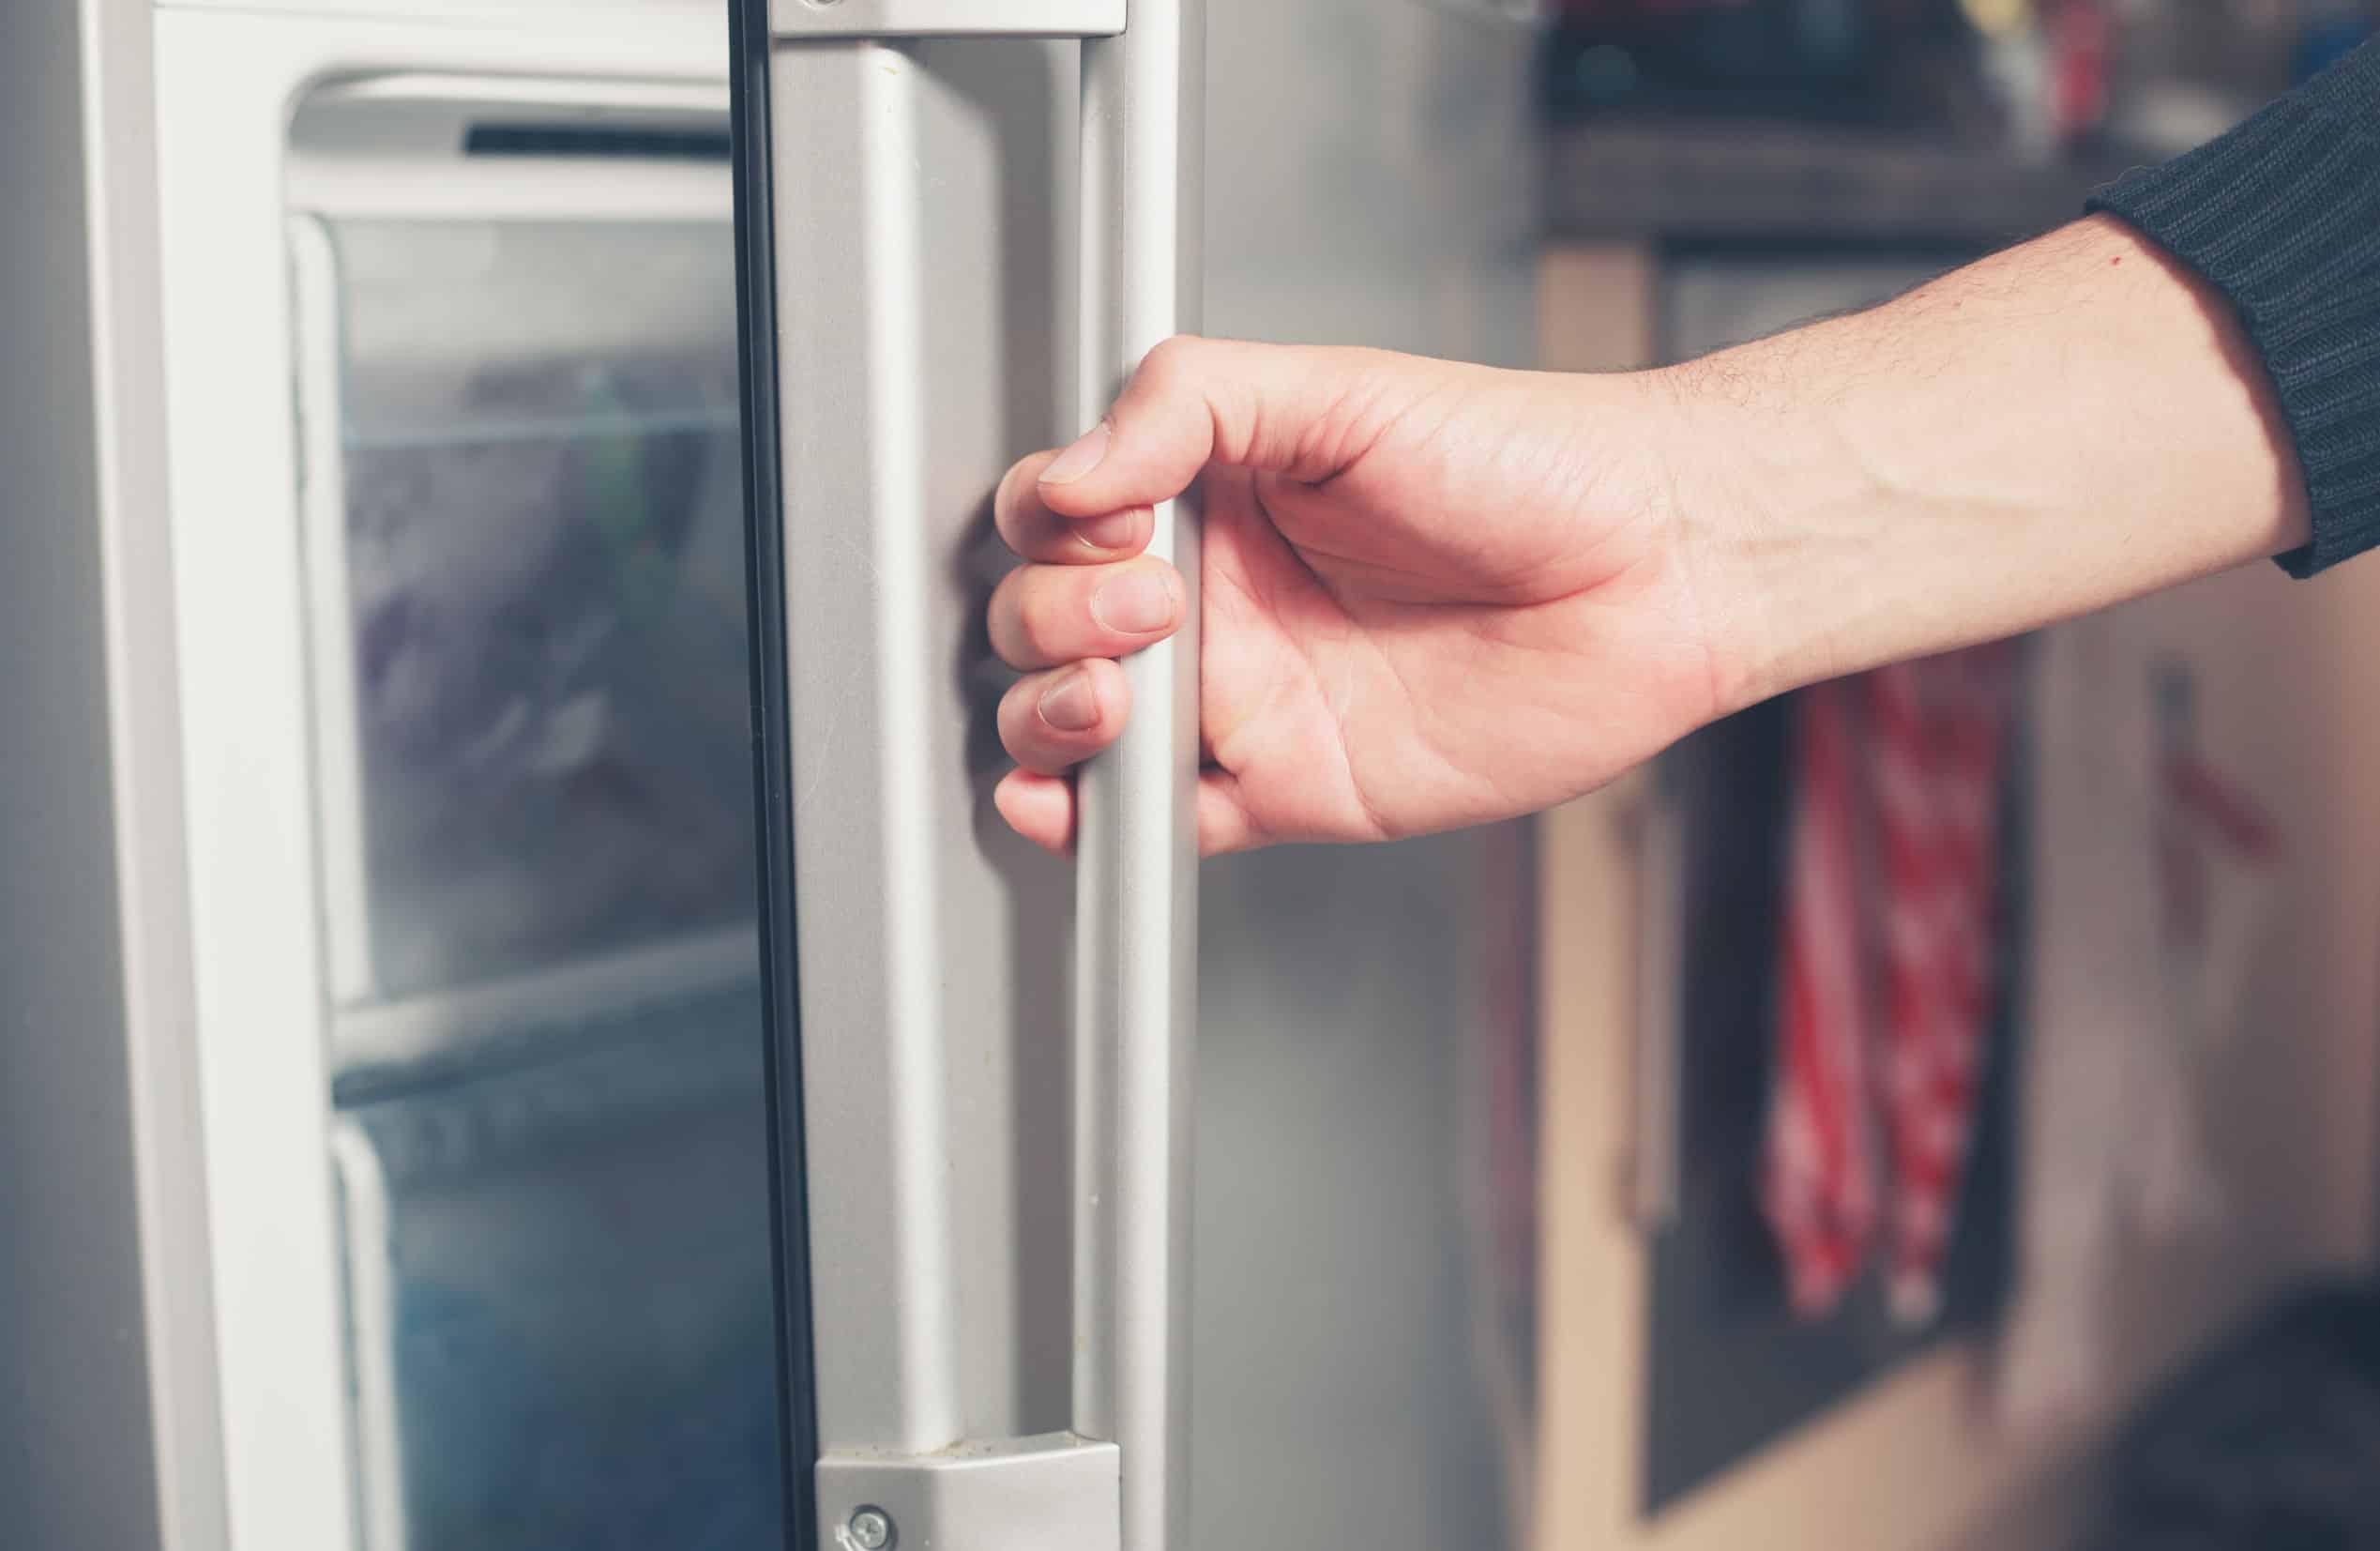 Imagem de pessoa abrindo porta de freezer.